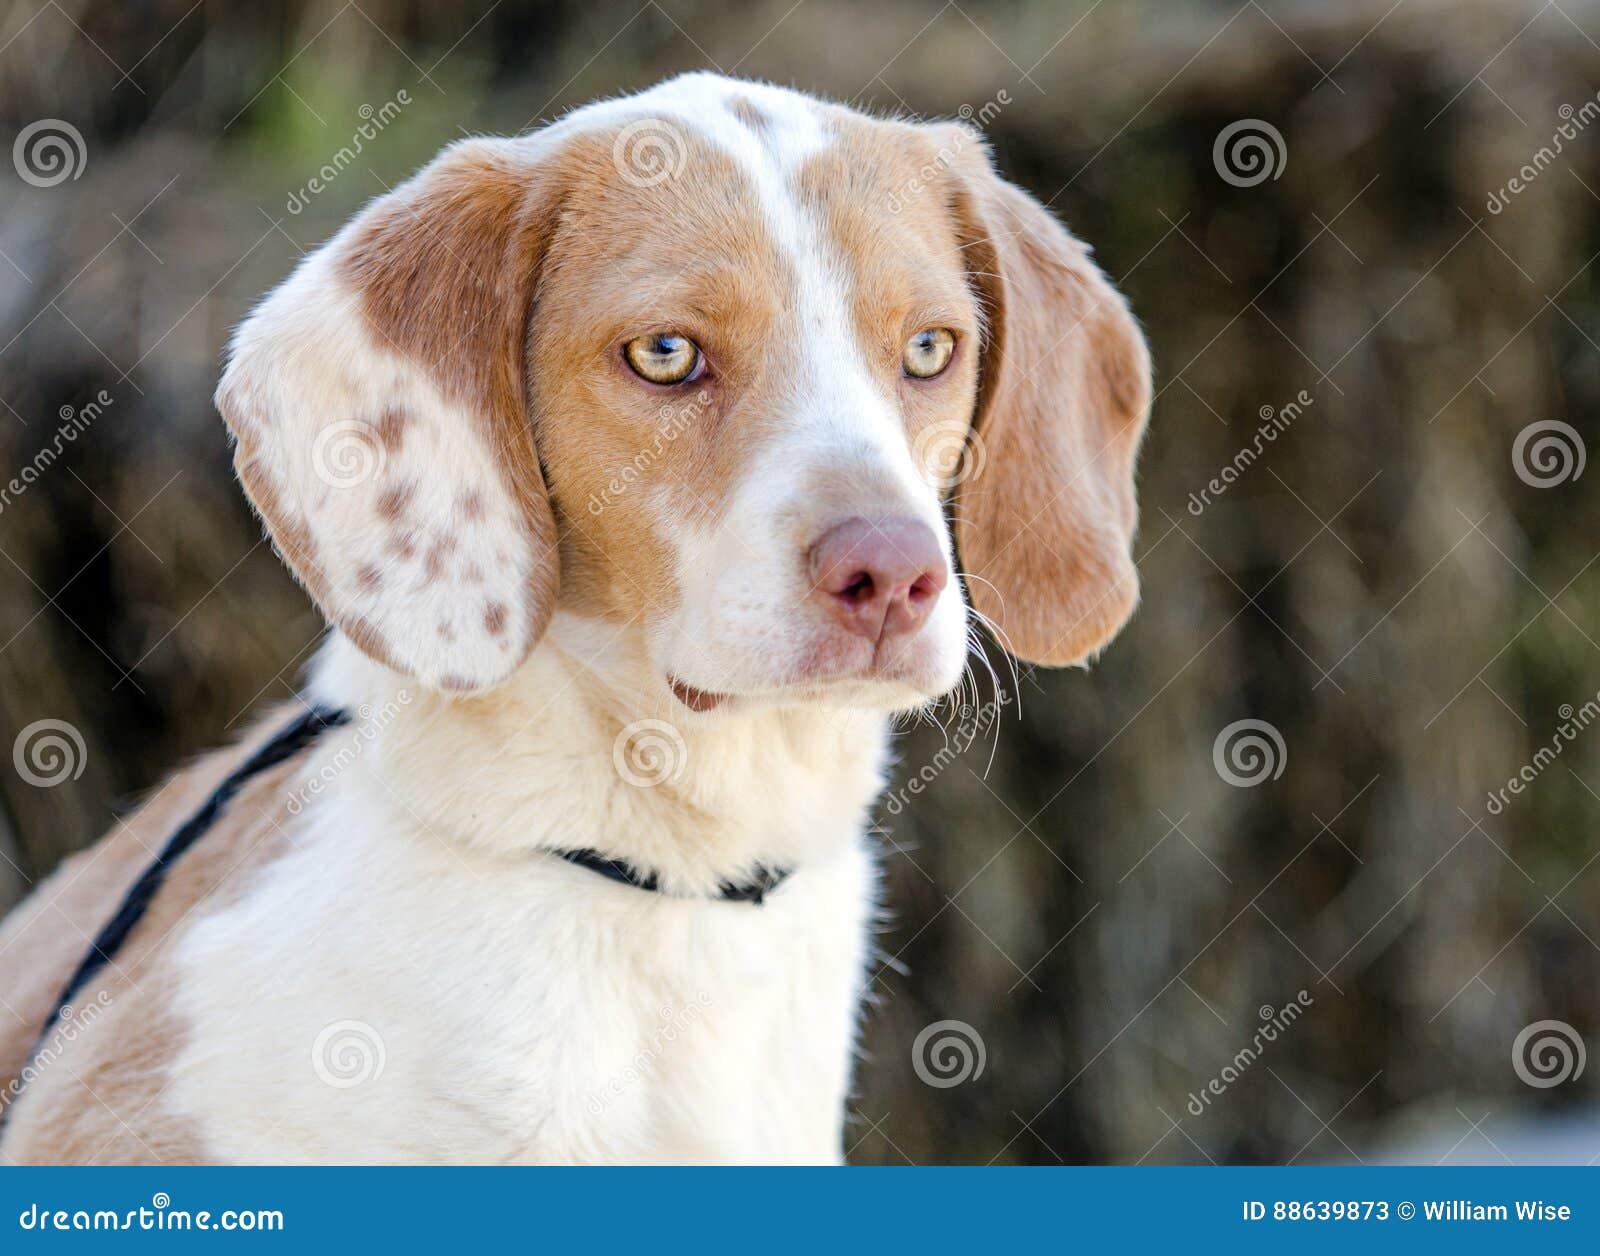 Beagle Dog Walton County Animal Shelter Stock Image